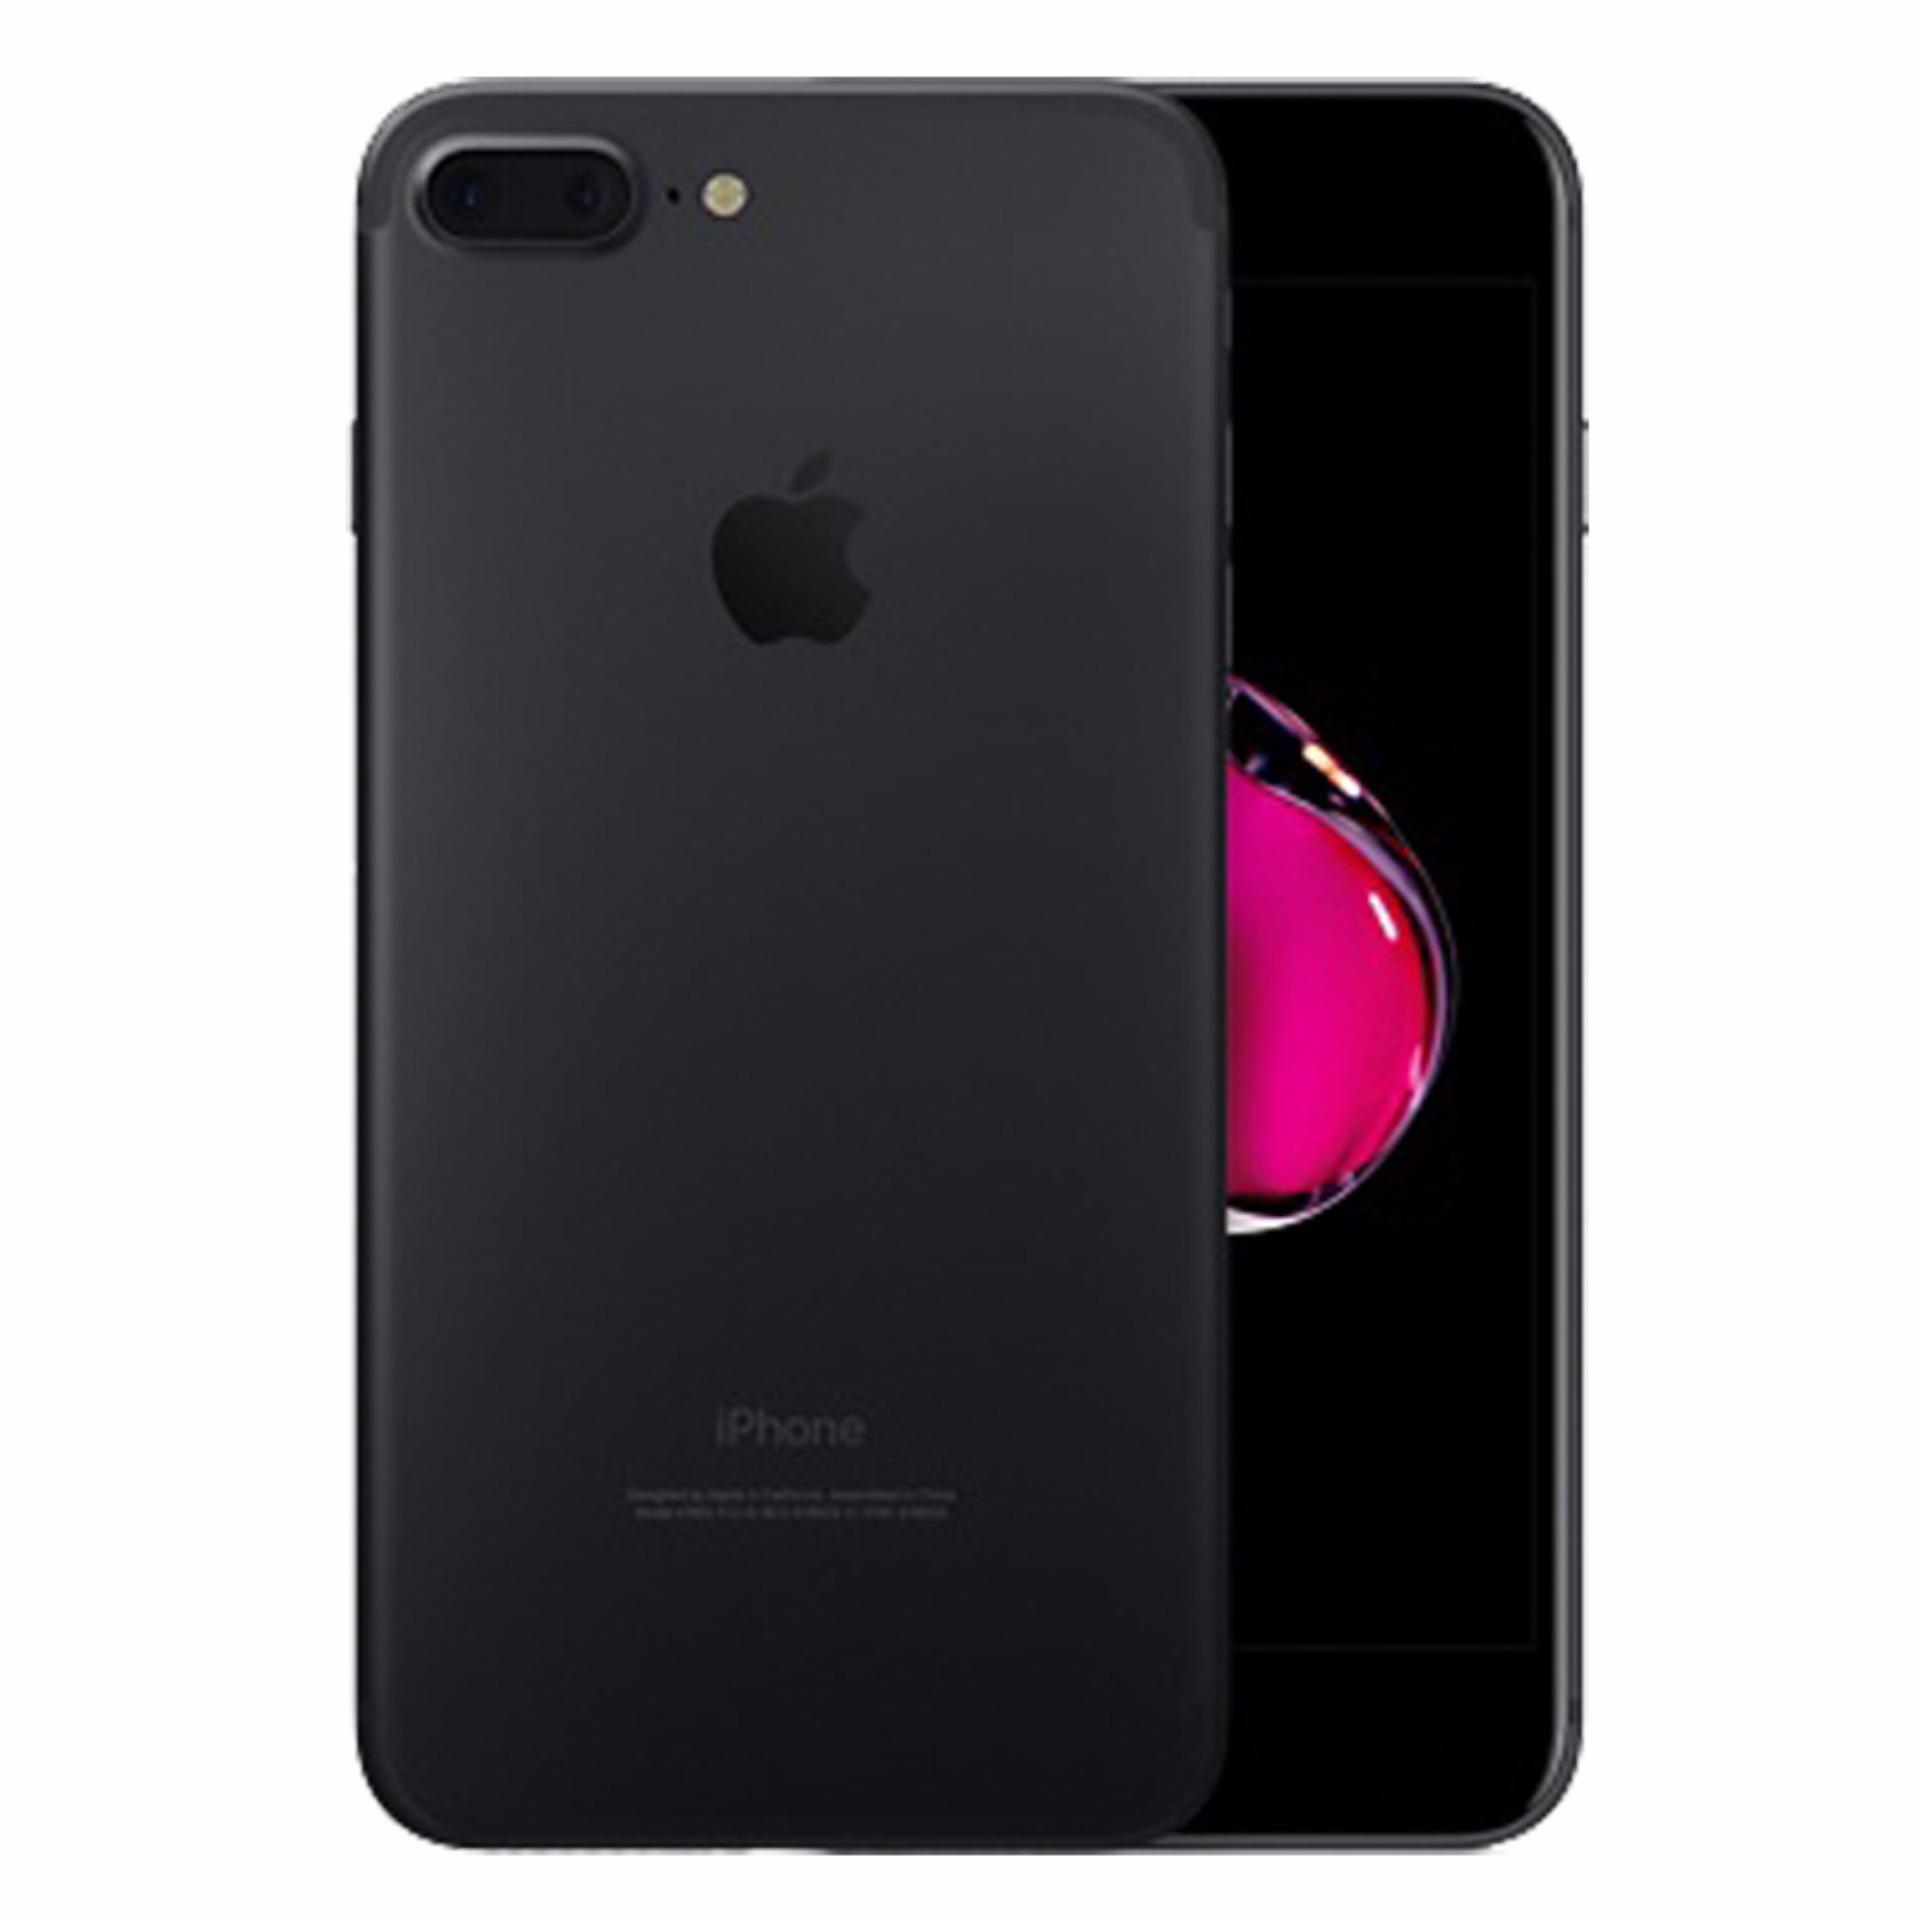 IPHONE 7 PLUS 128GB LLA (ĐEN NHÁM) – HÀNG NHẬP KHẨU